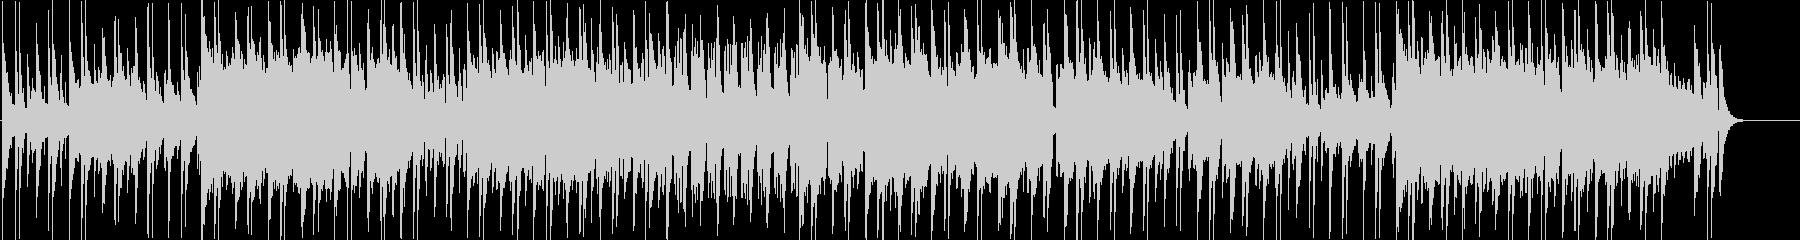 ミクソリディアン音階を使った不思議なほ…の未再生の波形